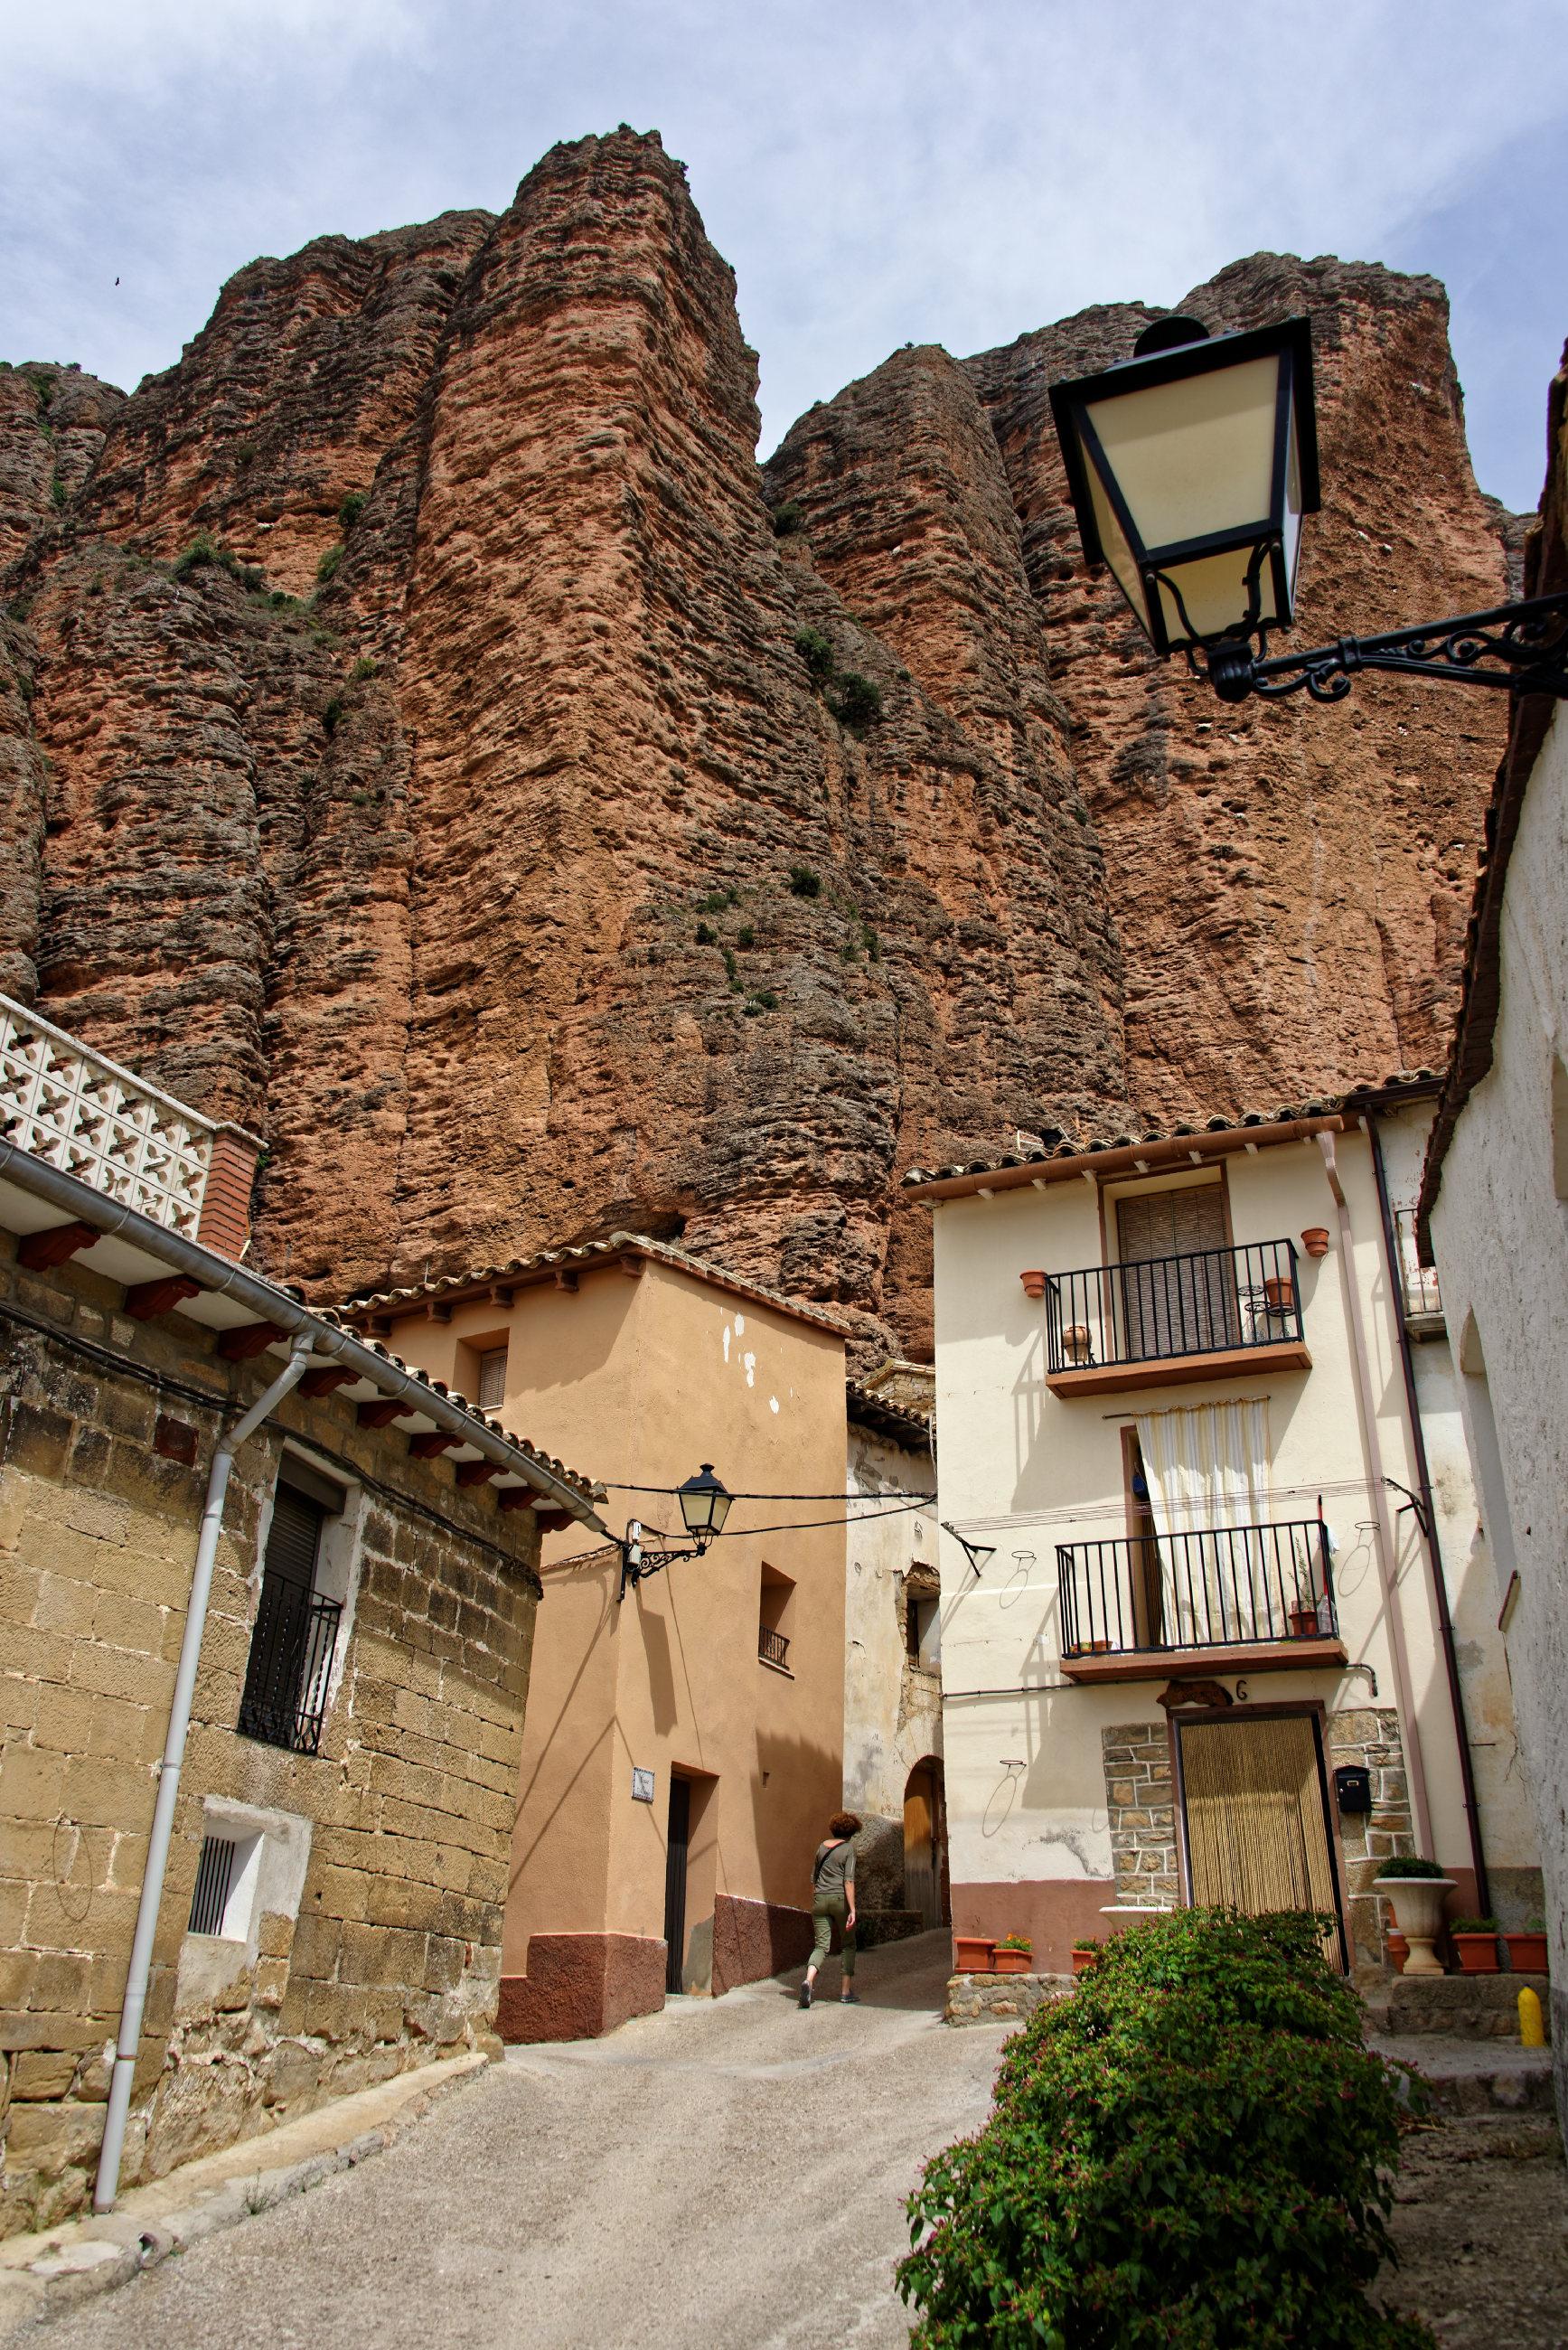 (7243) Mallos de Riglos (Aragon)